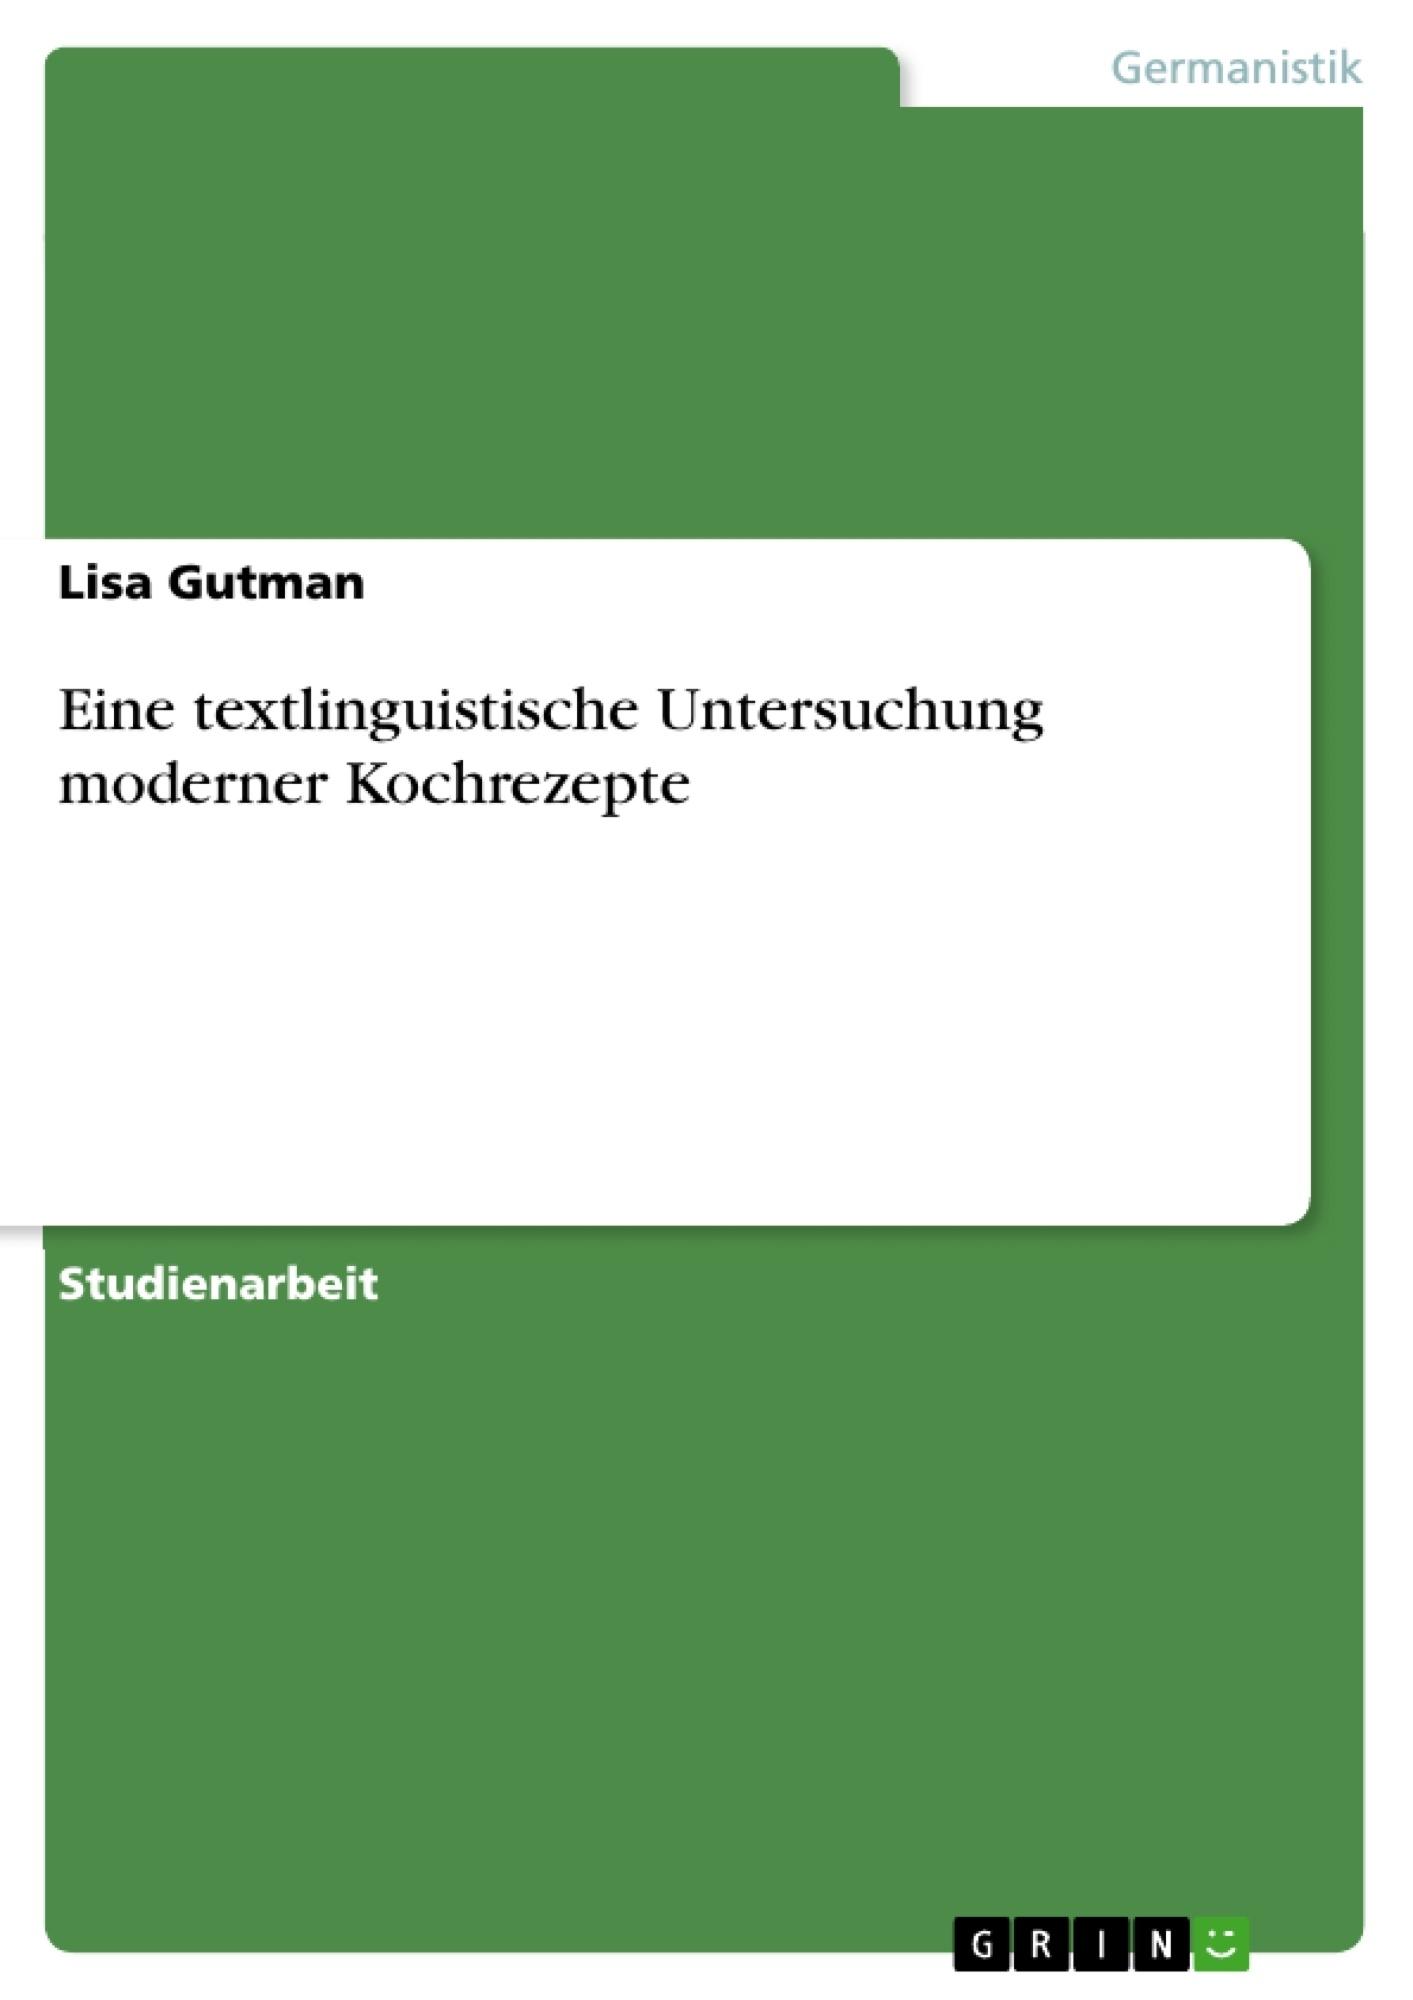 Eine textlinguistische Untersuchung moderner Kochrezepte ...